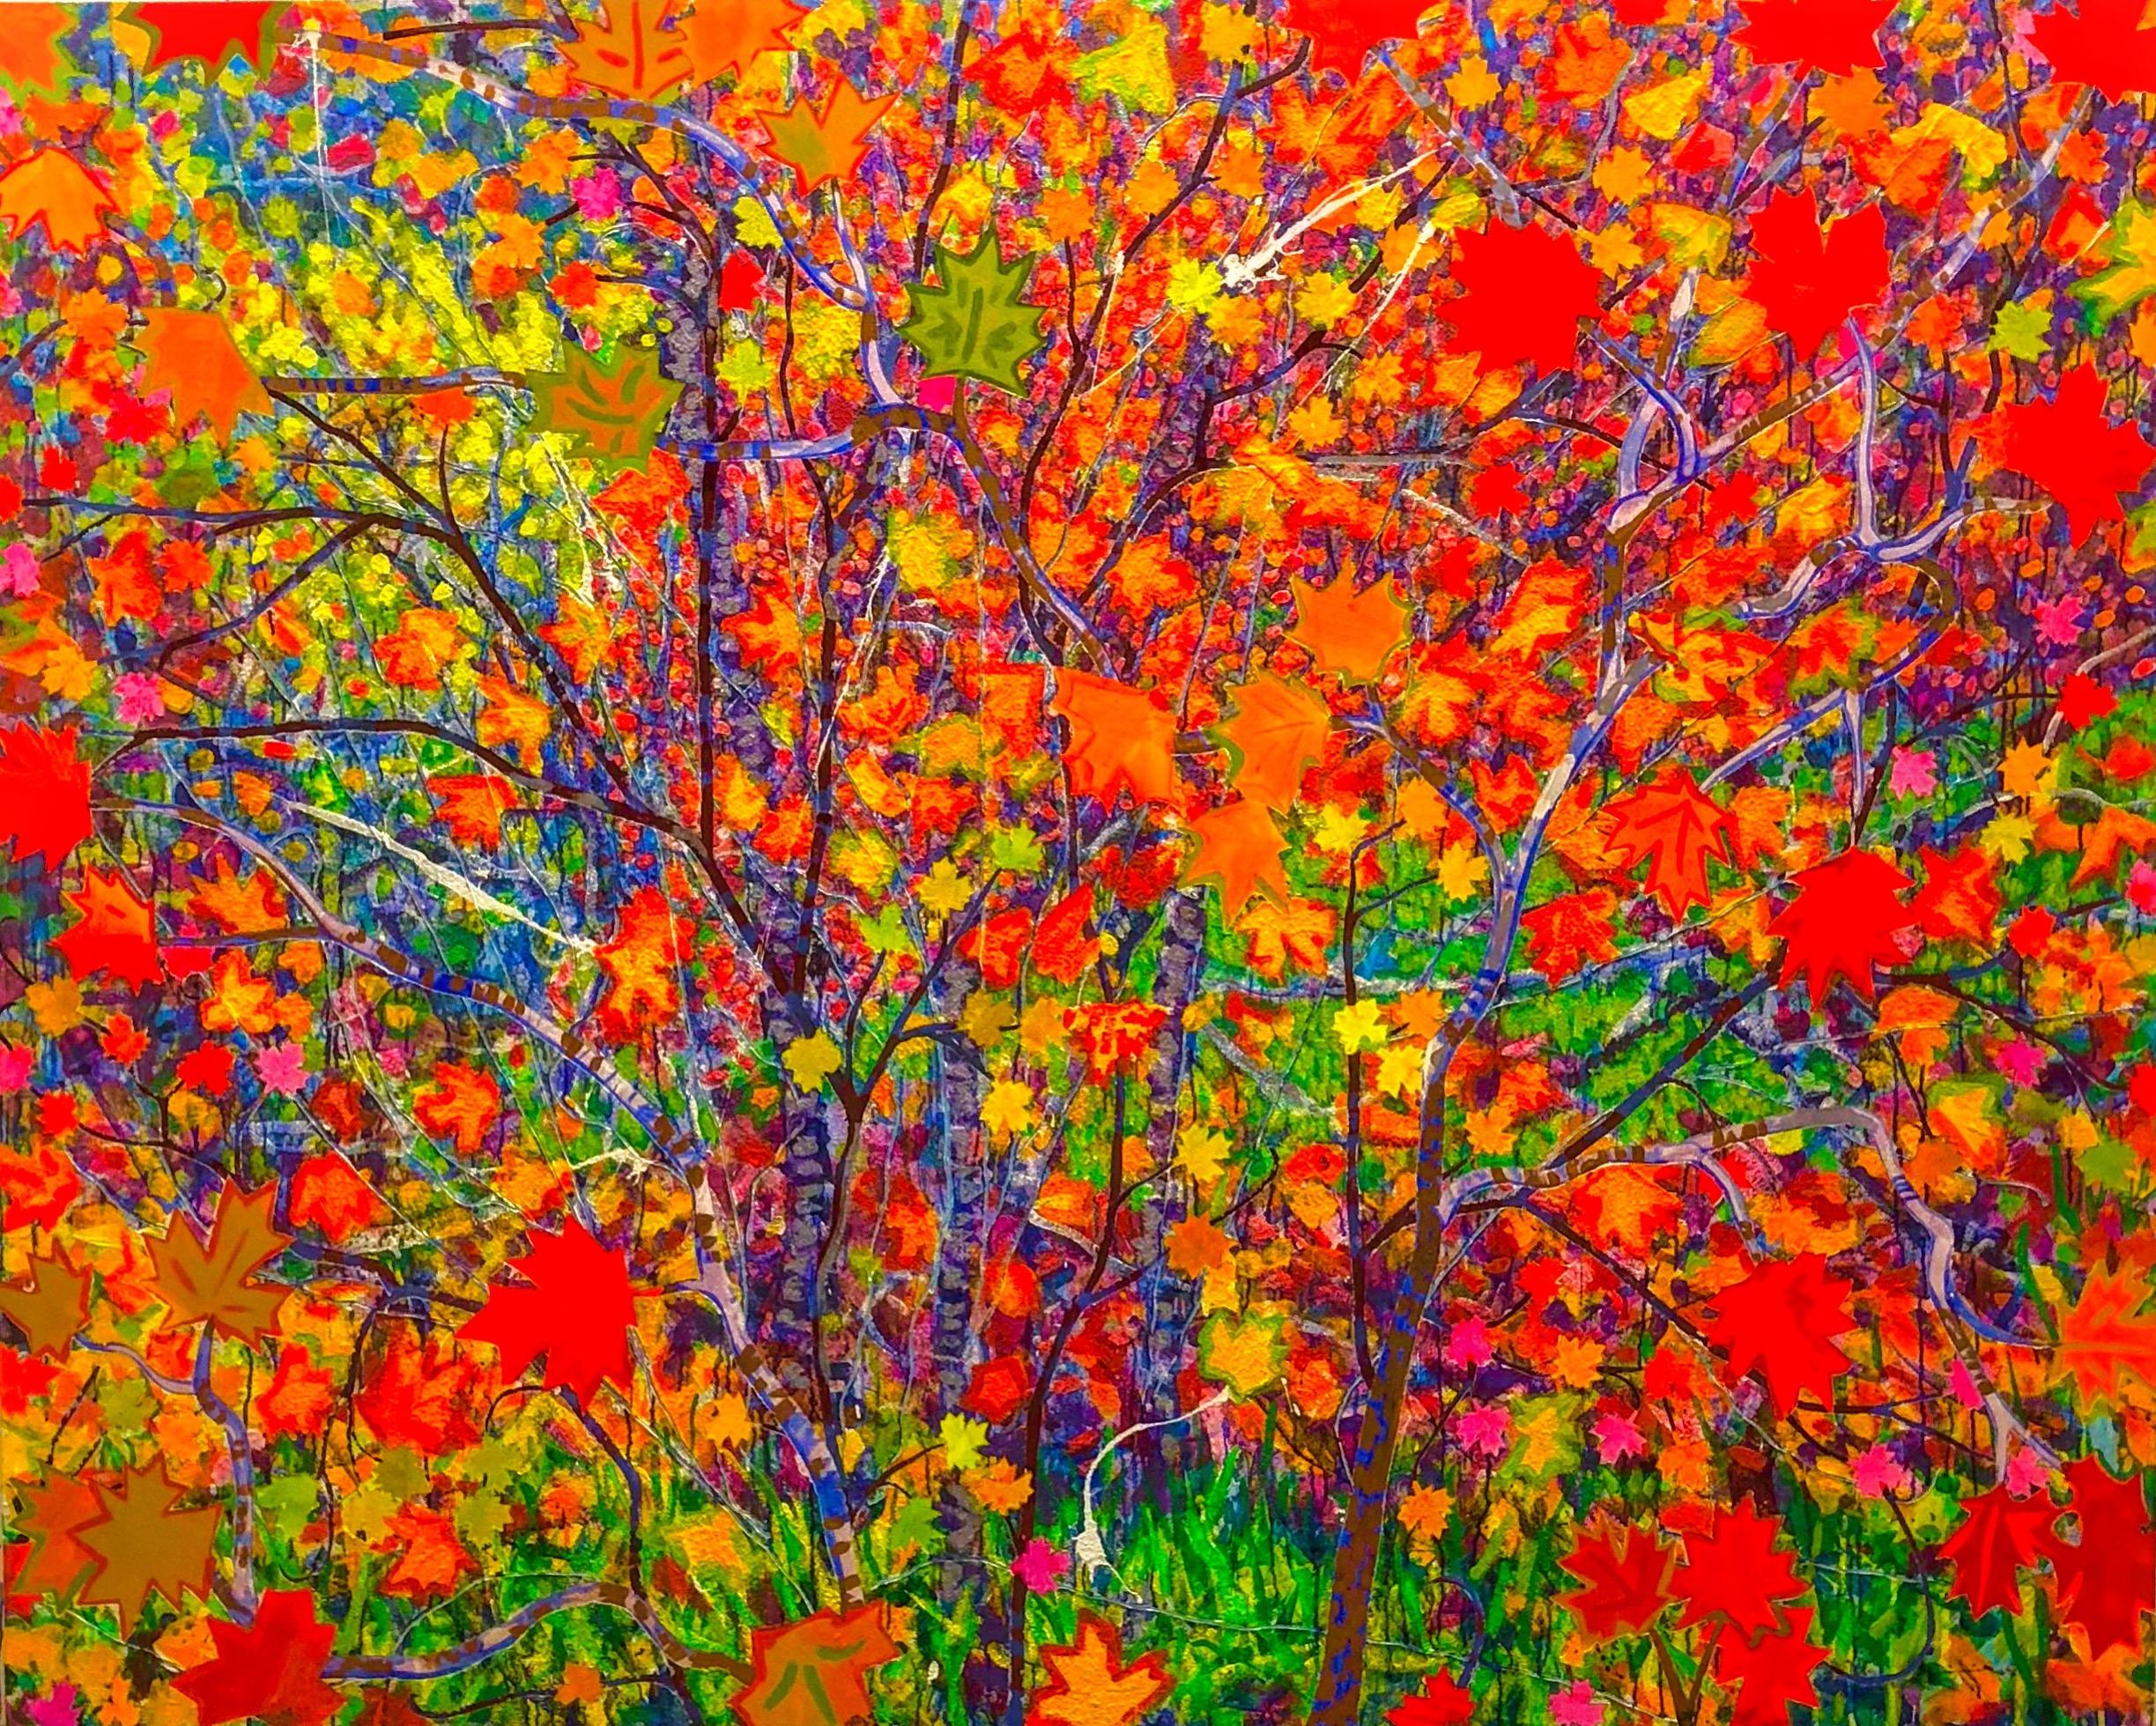 17_Woody Shepherd_The Ten of Cups_acrylic on hardwood panel_72x89.JPG